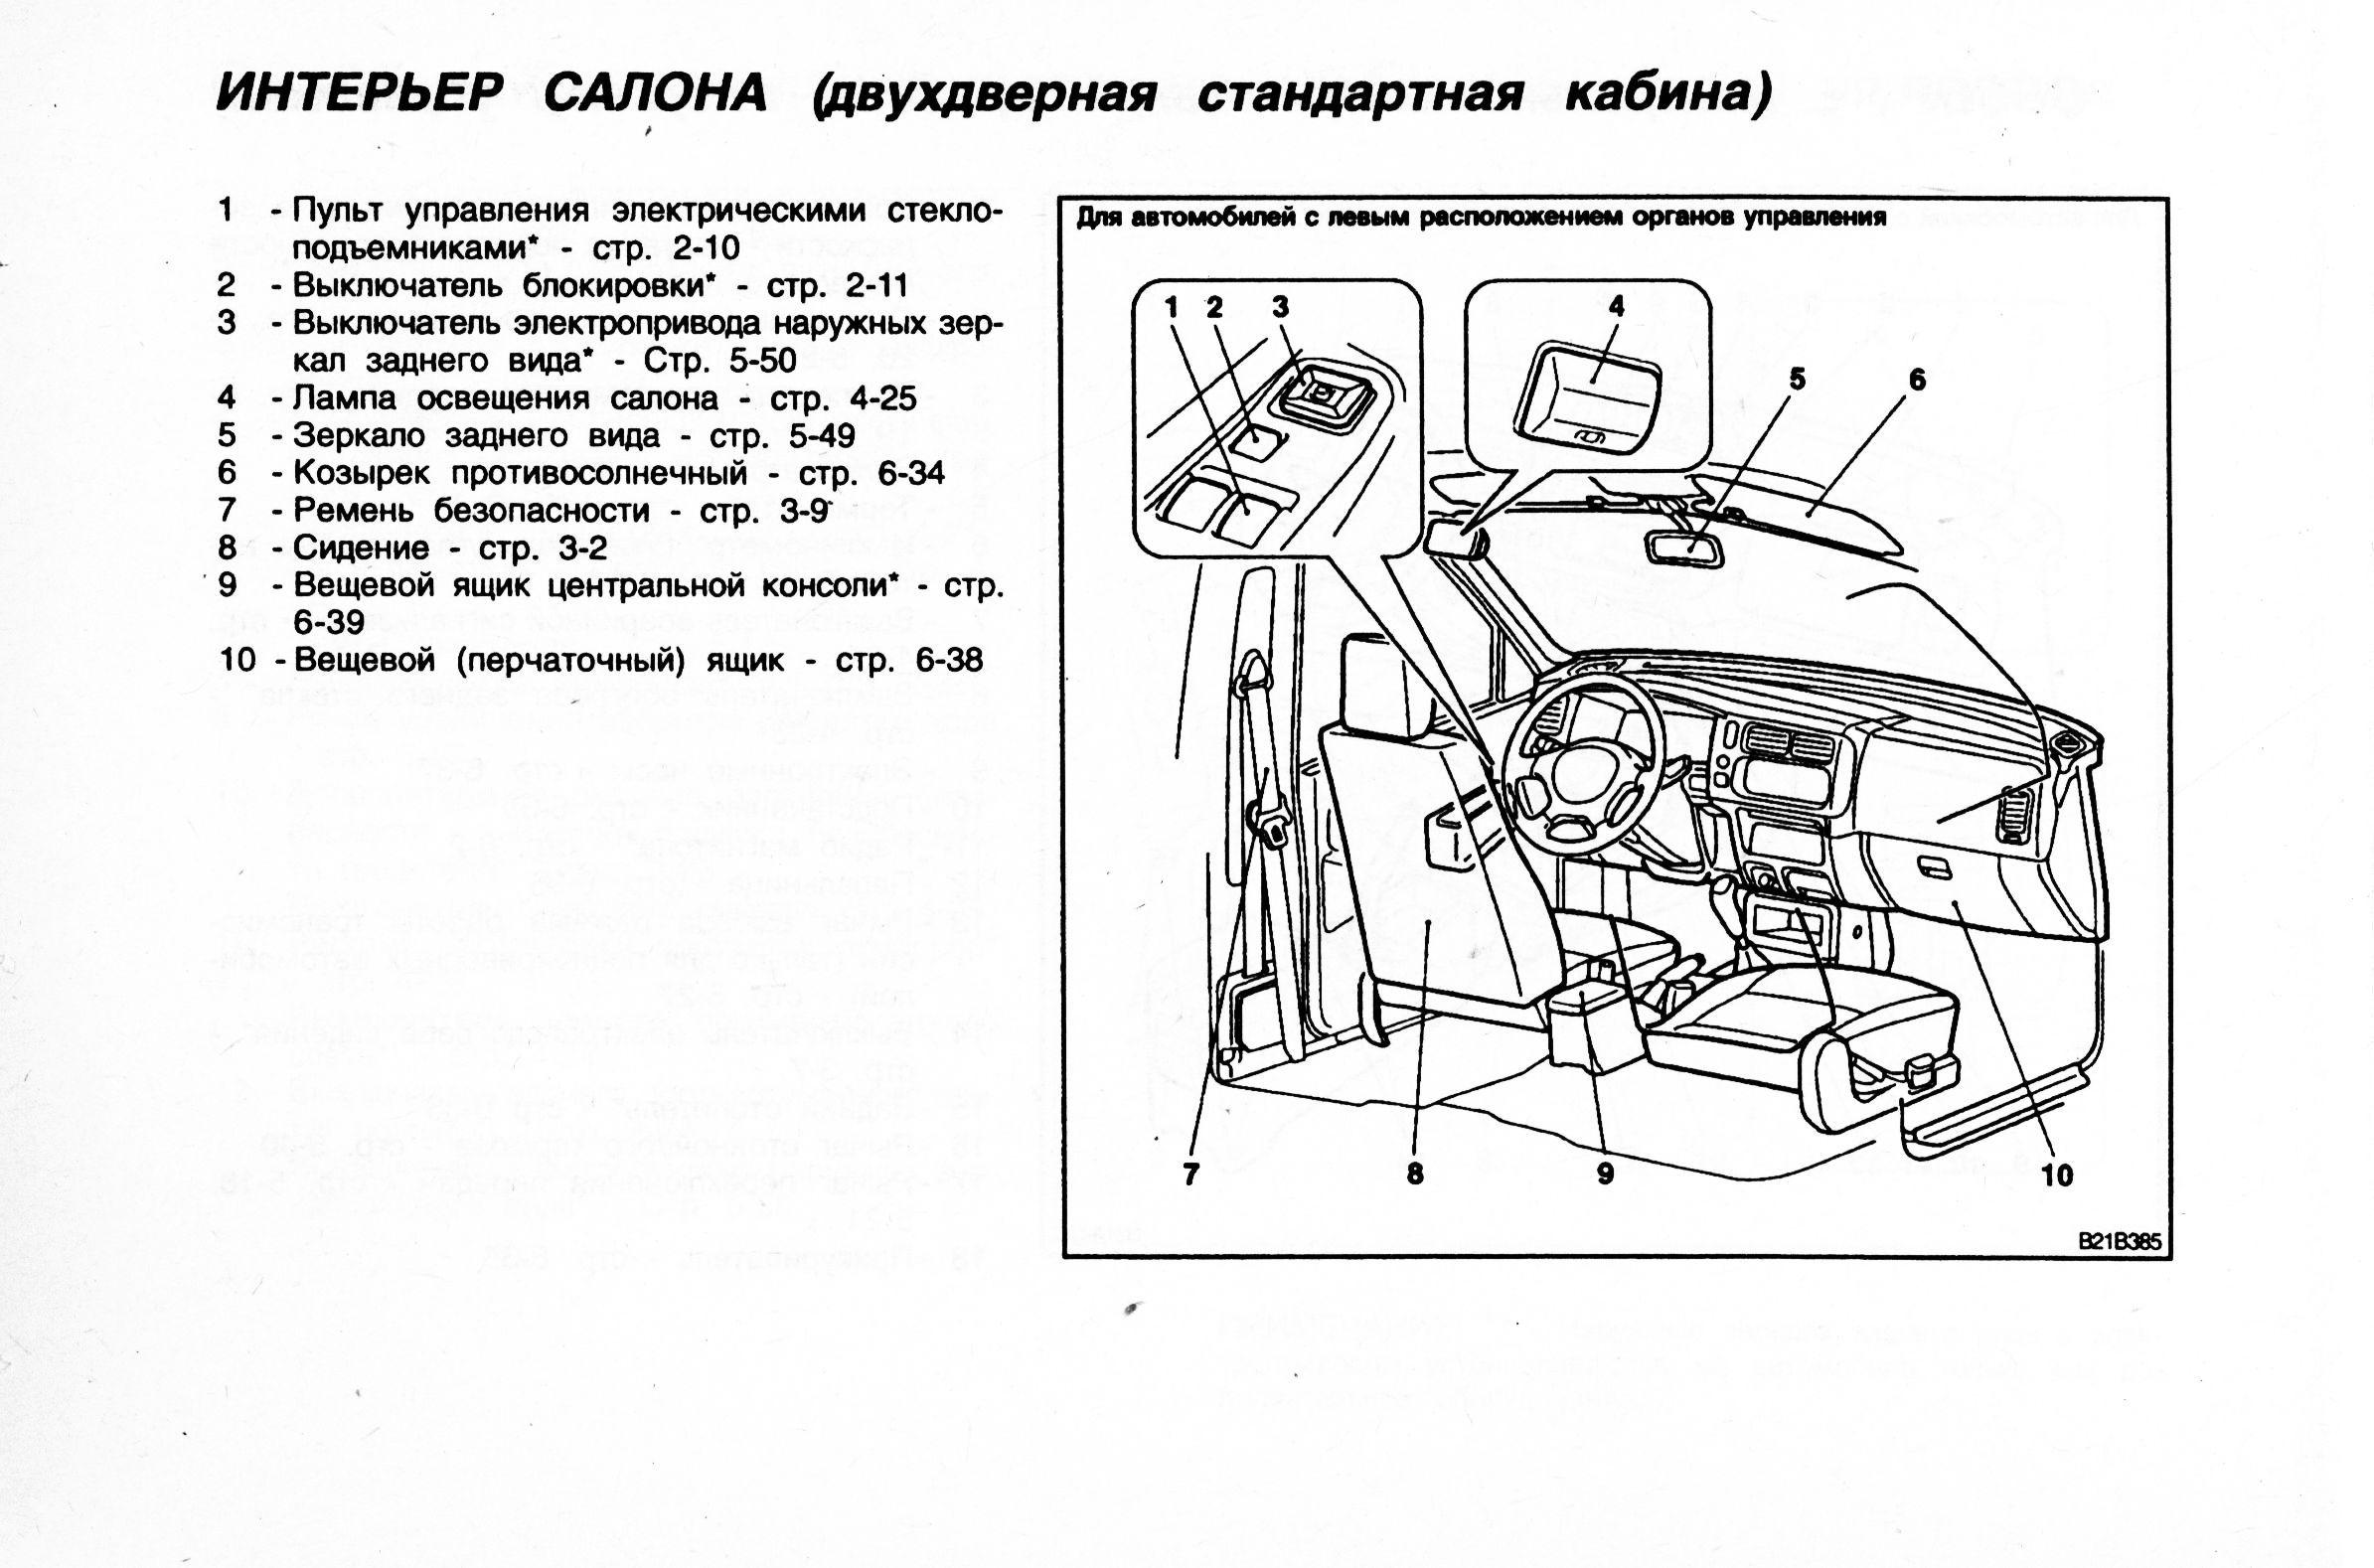 руководство по эксплуатации форд фокус 3 читать